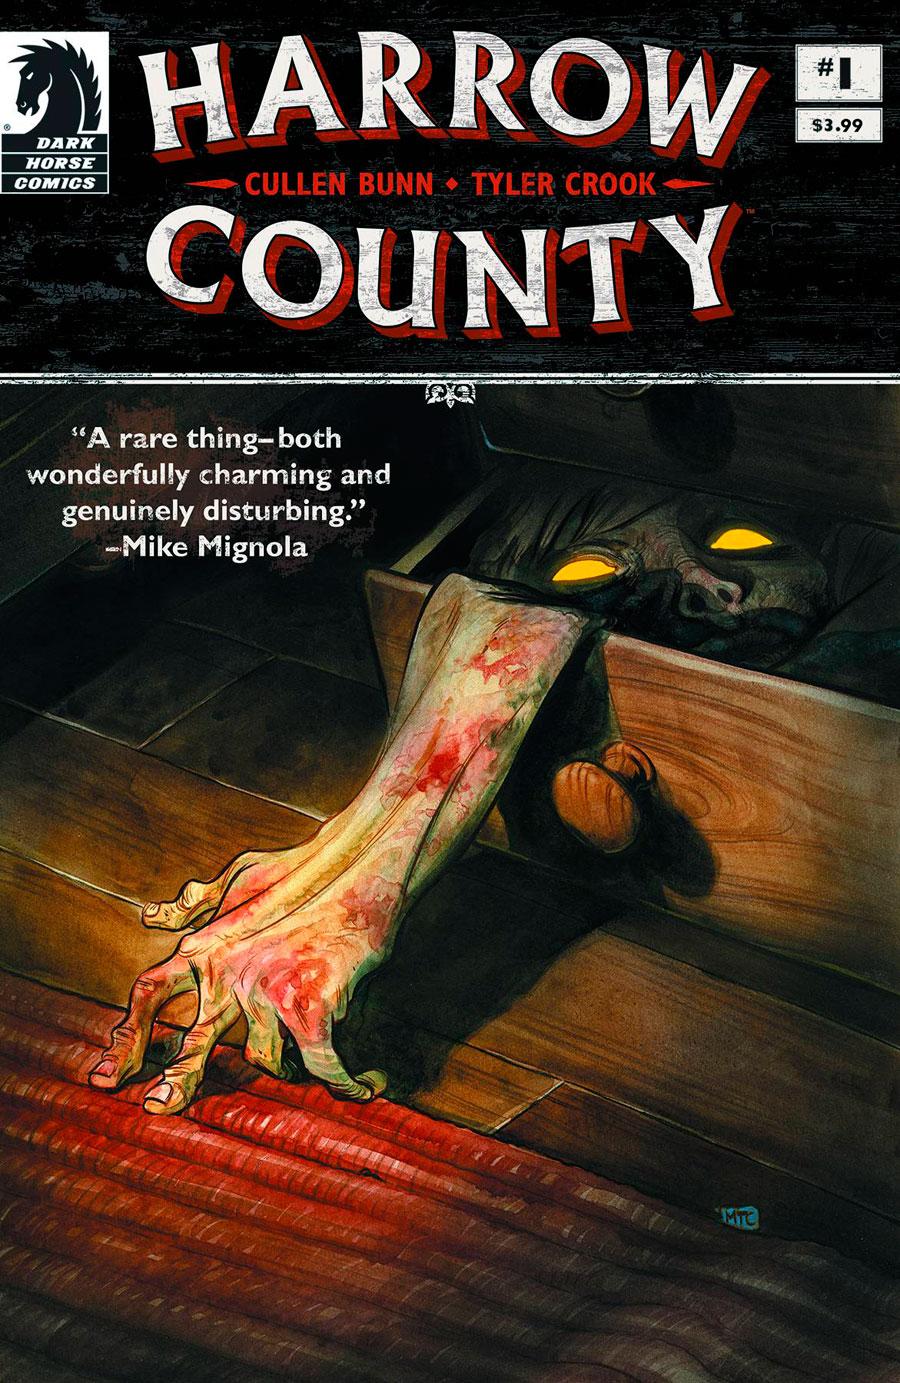 Harrow County comic